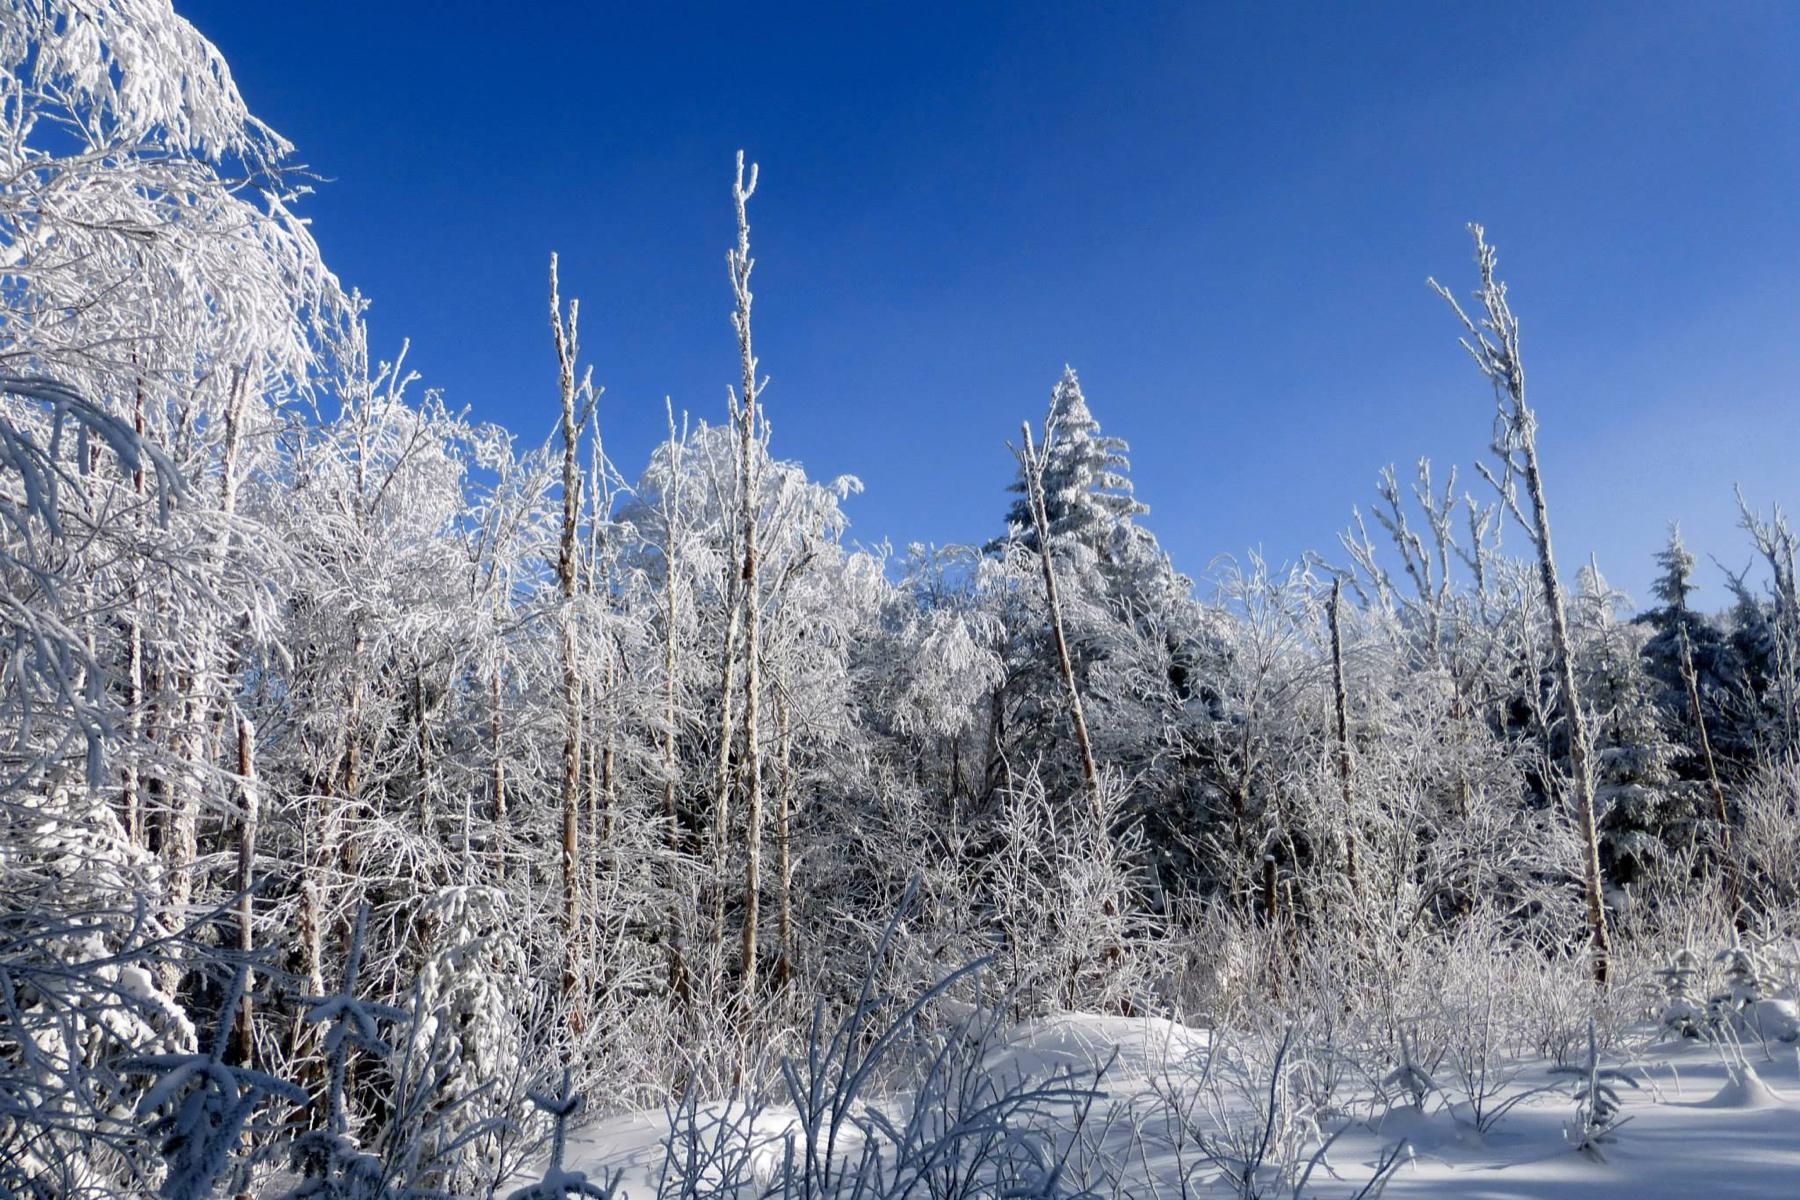 parc-montagne-du-diable-paysage-00031_1800x1200